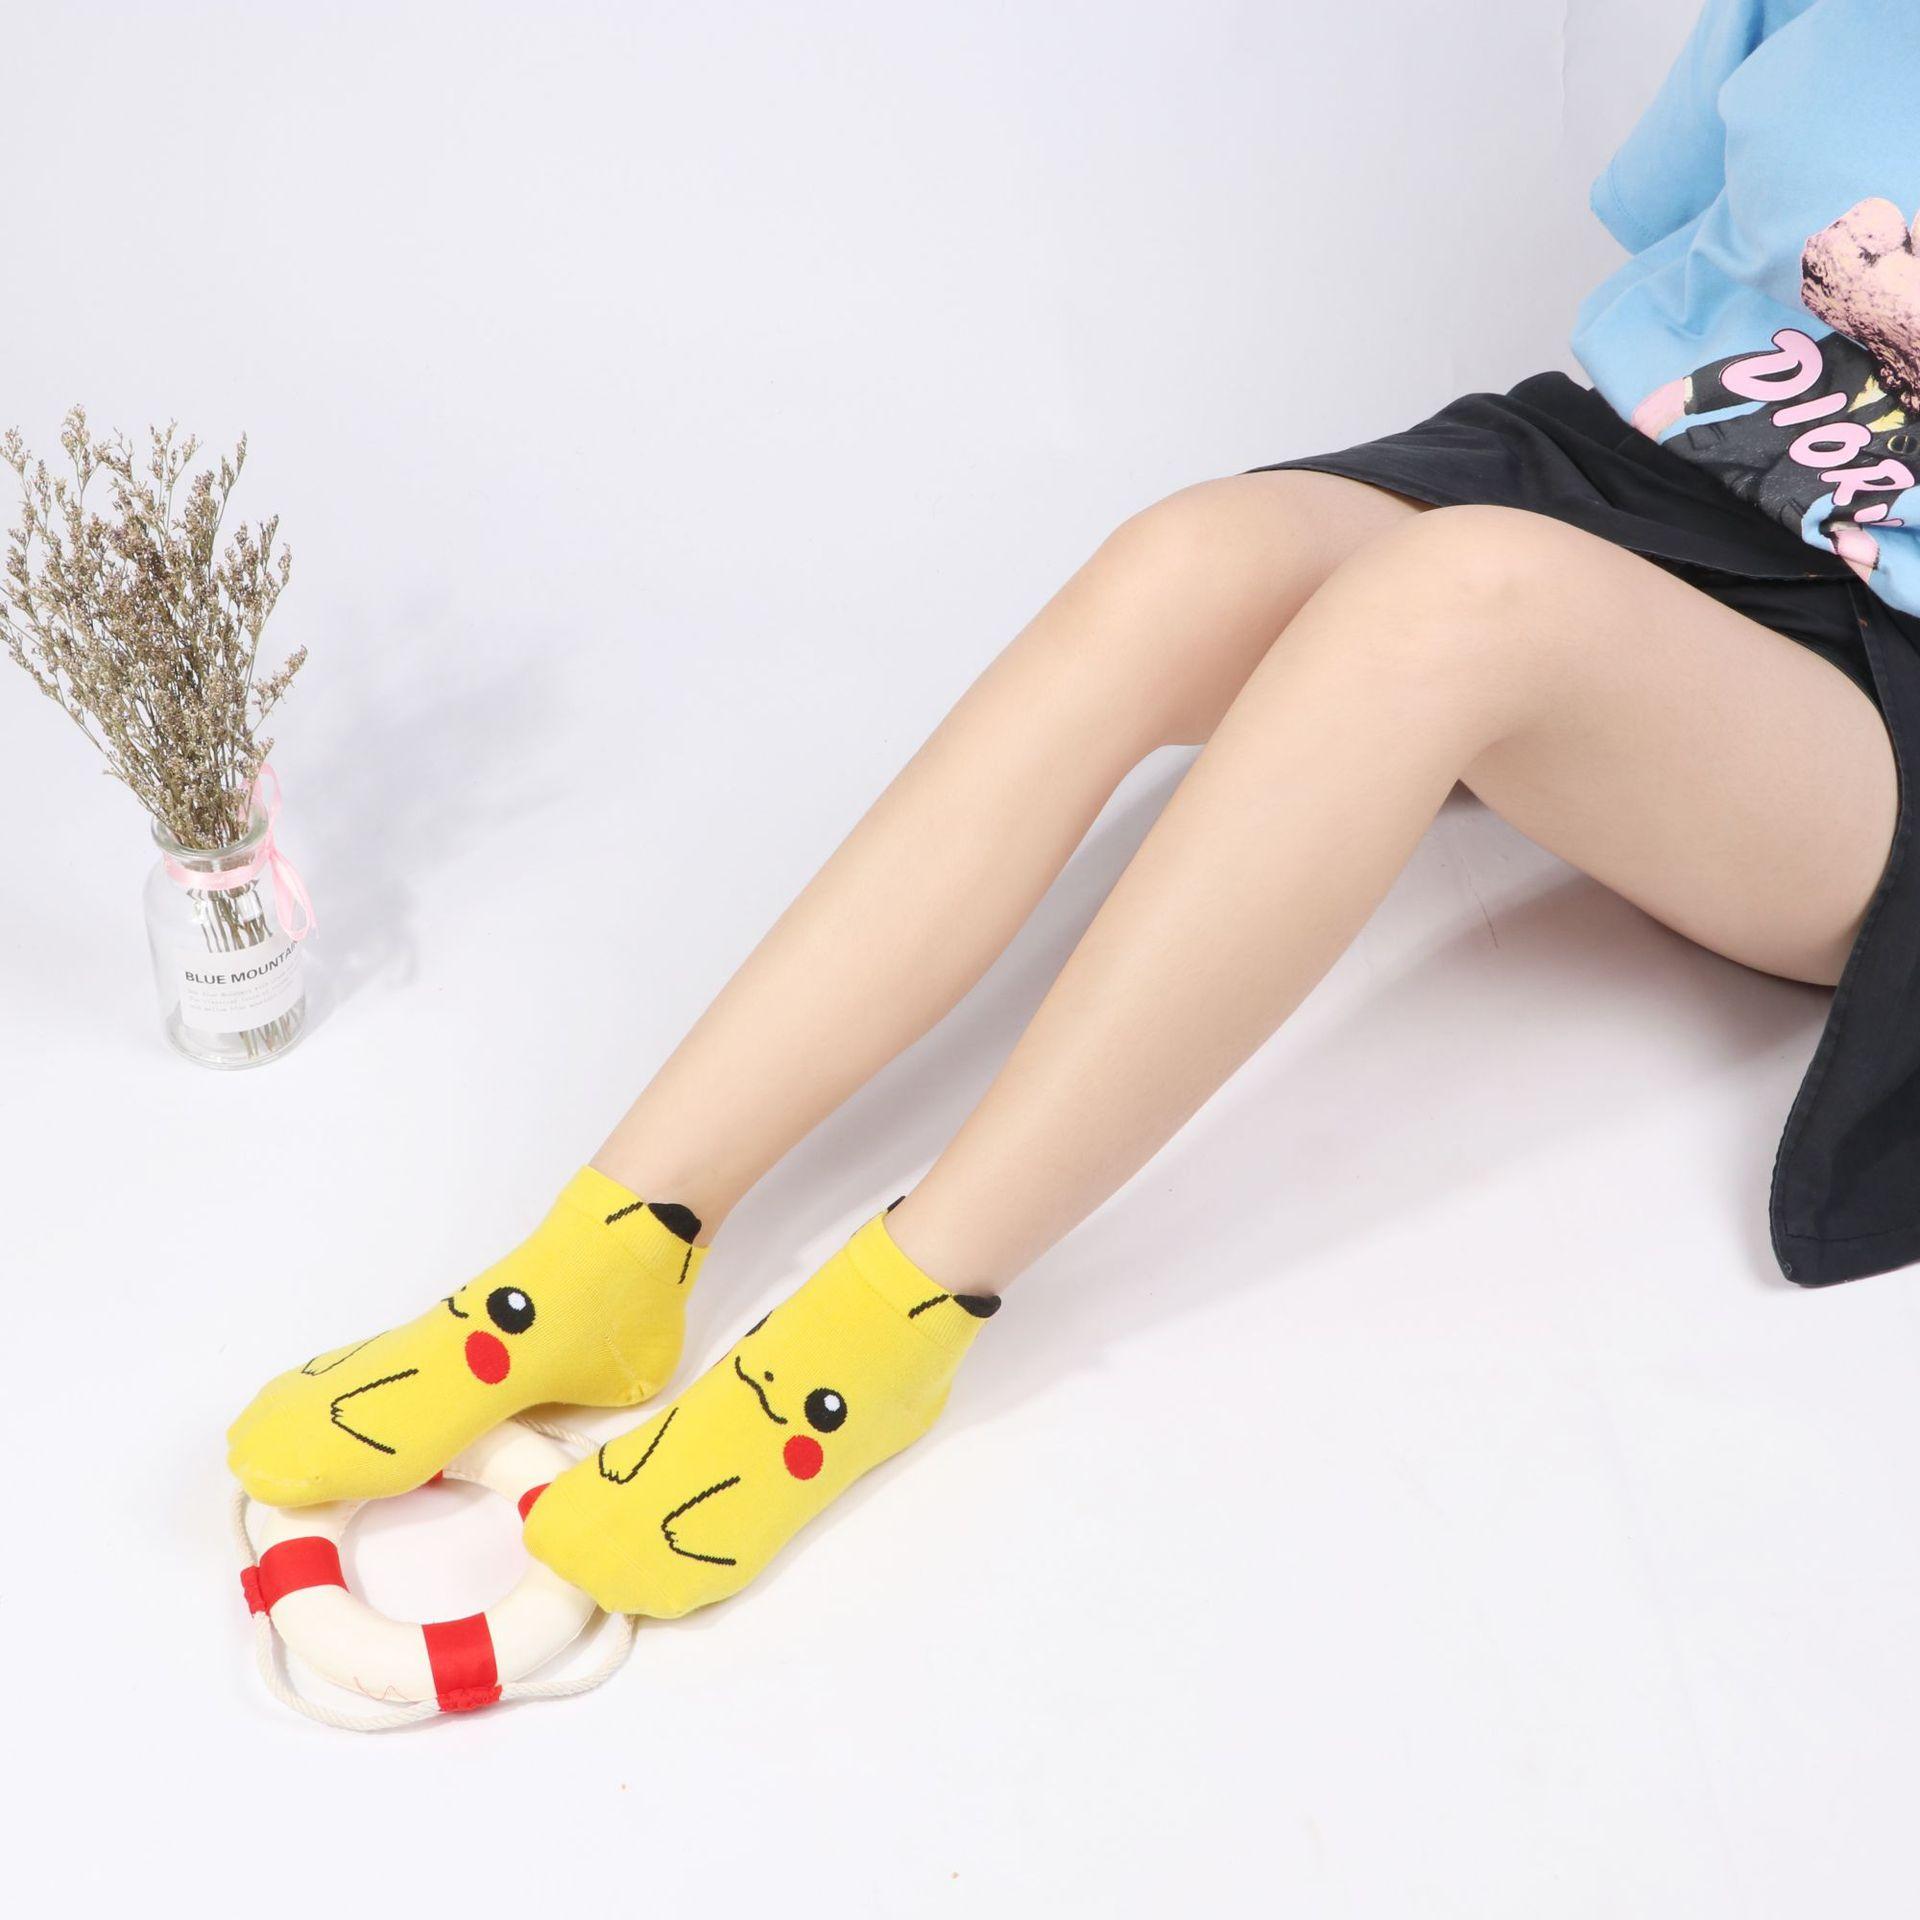 新款袜子 可爱卡通皮卡丘袜子 女士吸汗防臭袜 船袜女厂家批发